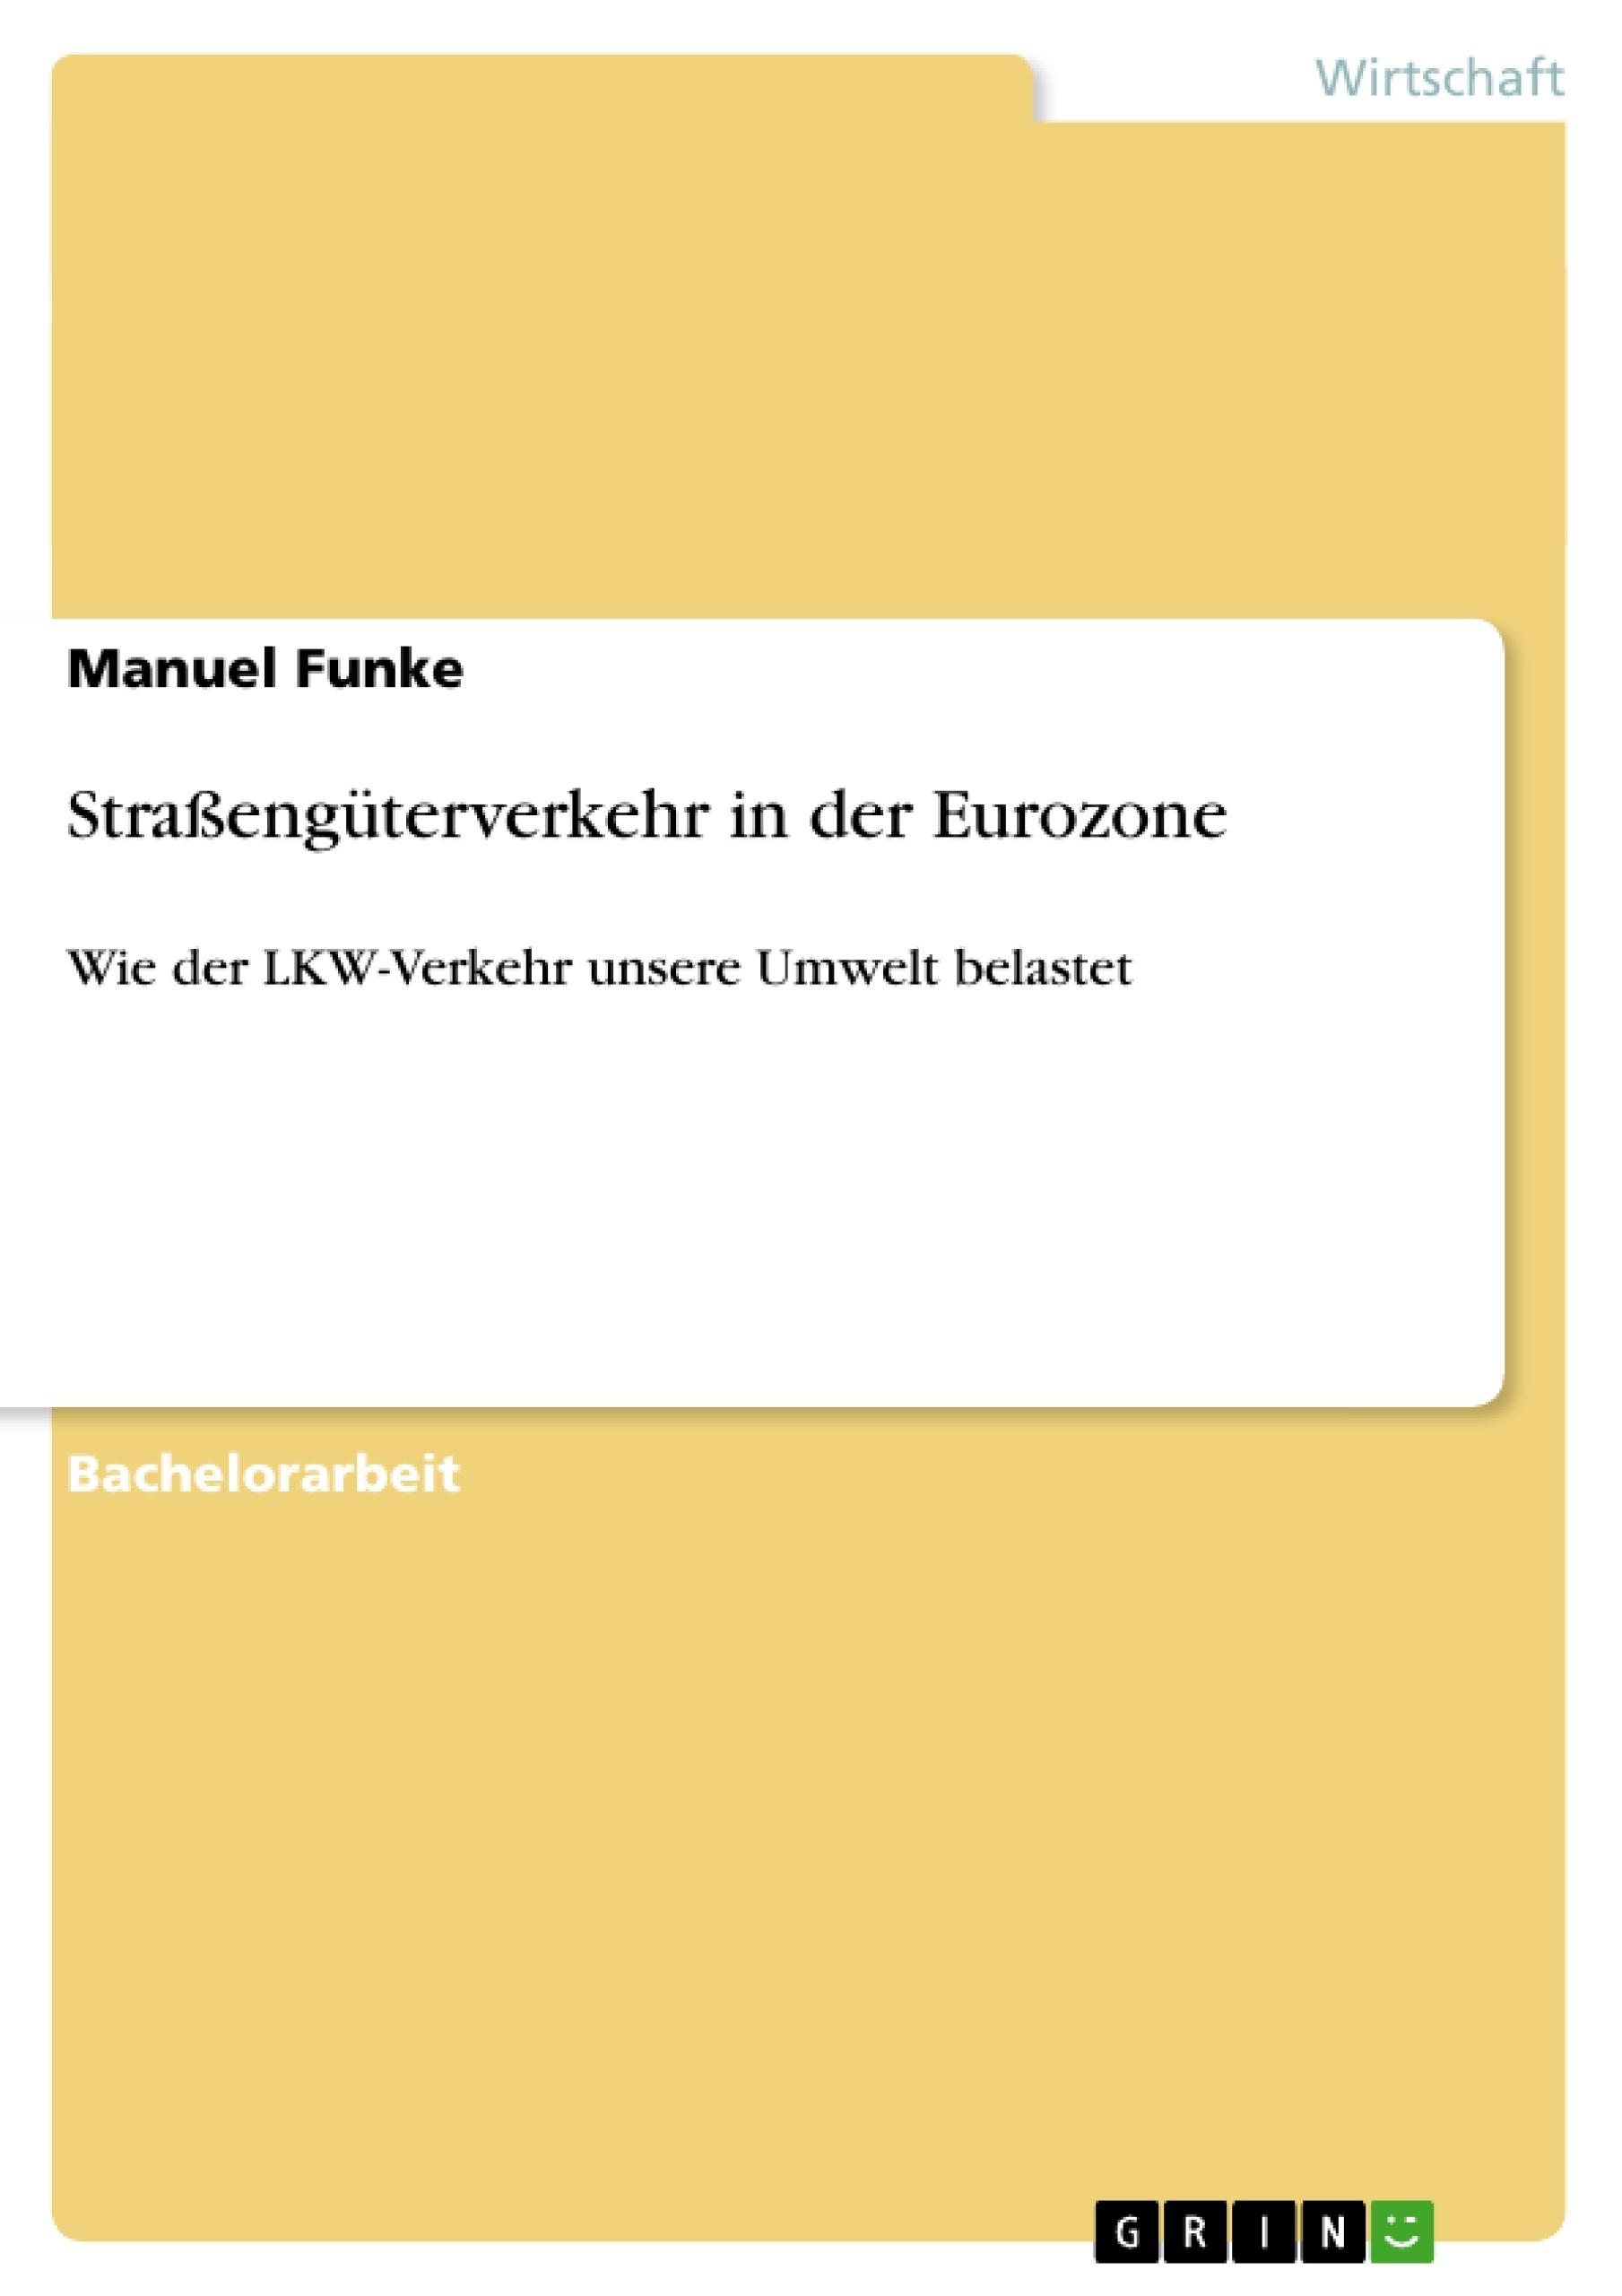 Titel: Straßengüterverkehr in der Eurozone